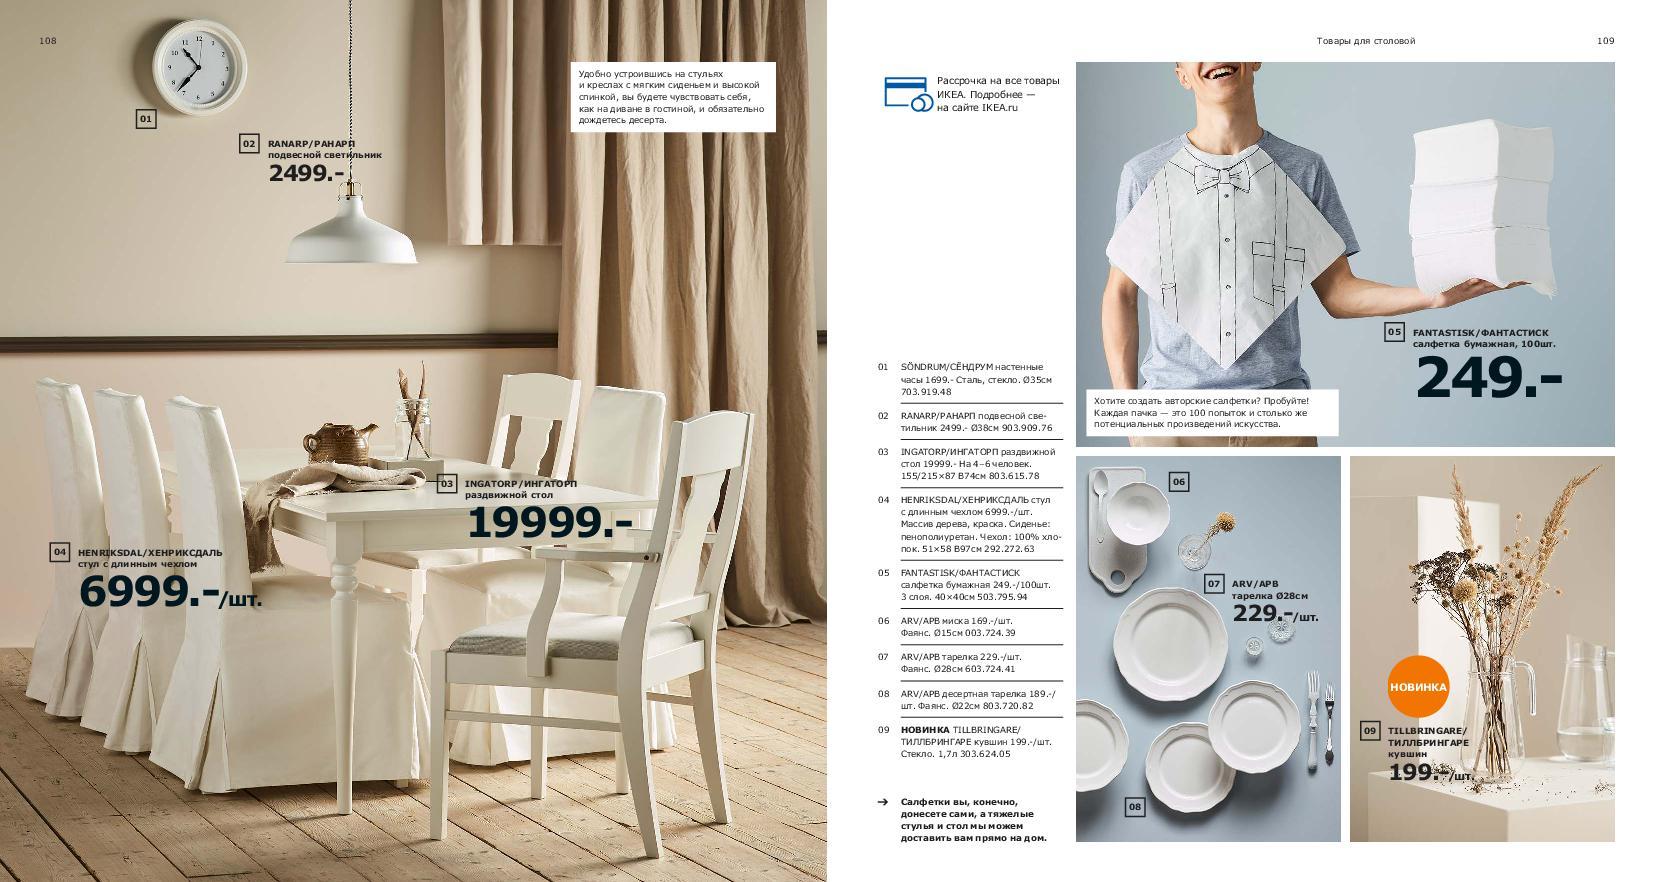 IKEA_catalogue_2019-55